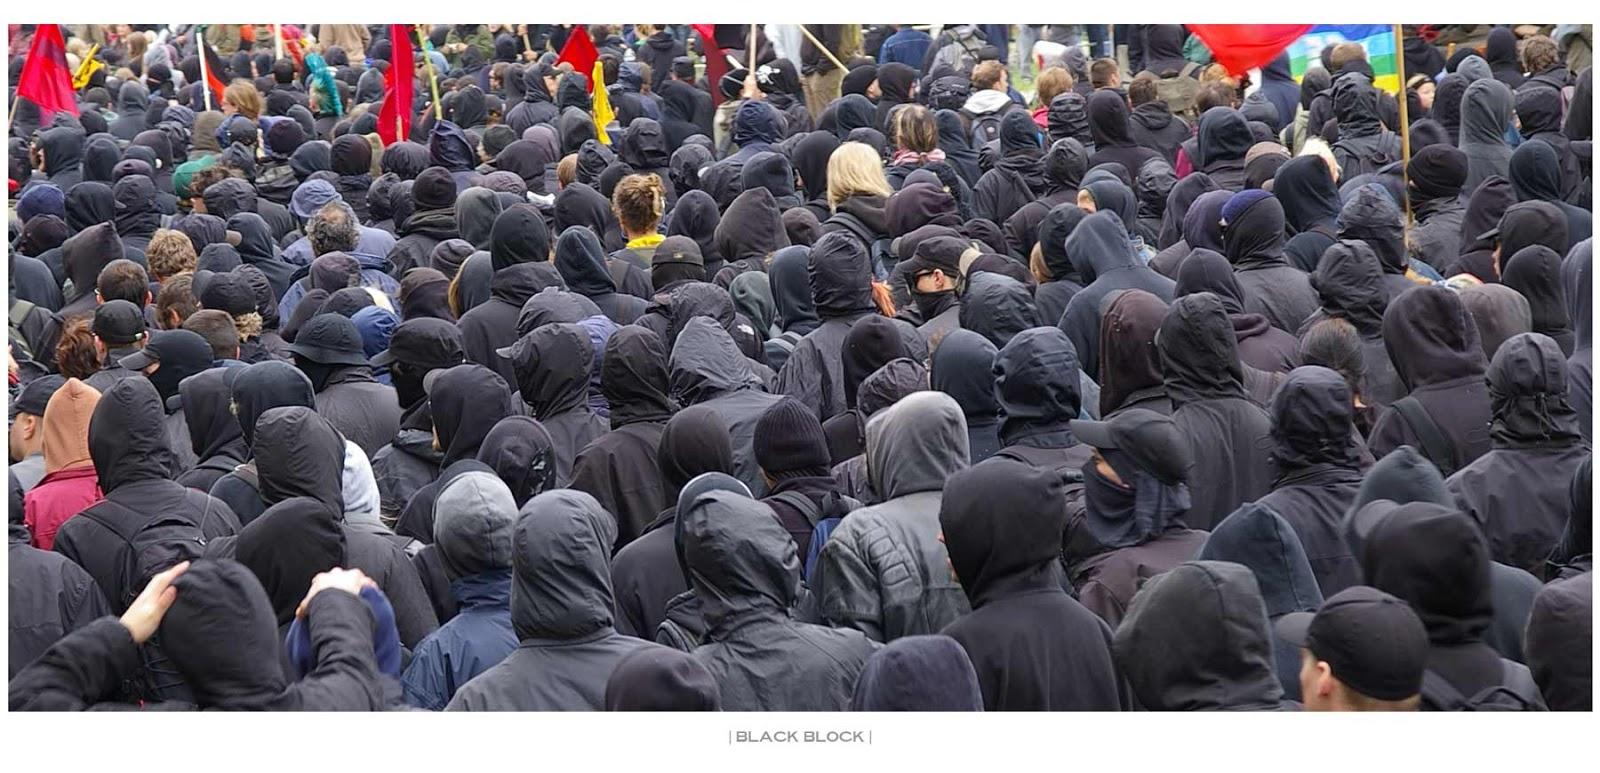 trajes pretos black blocs